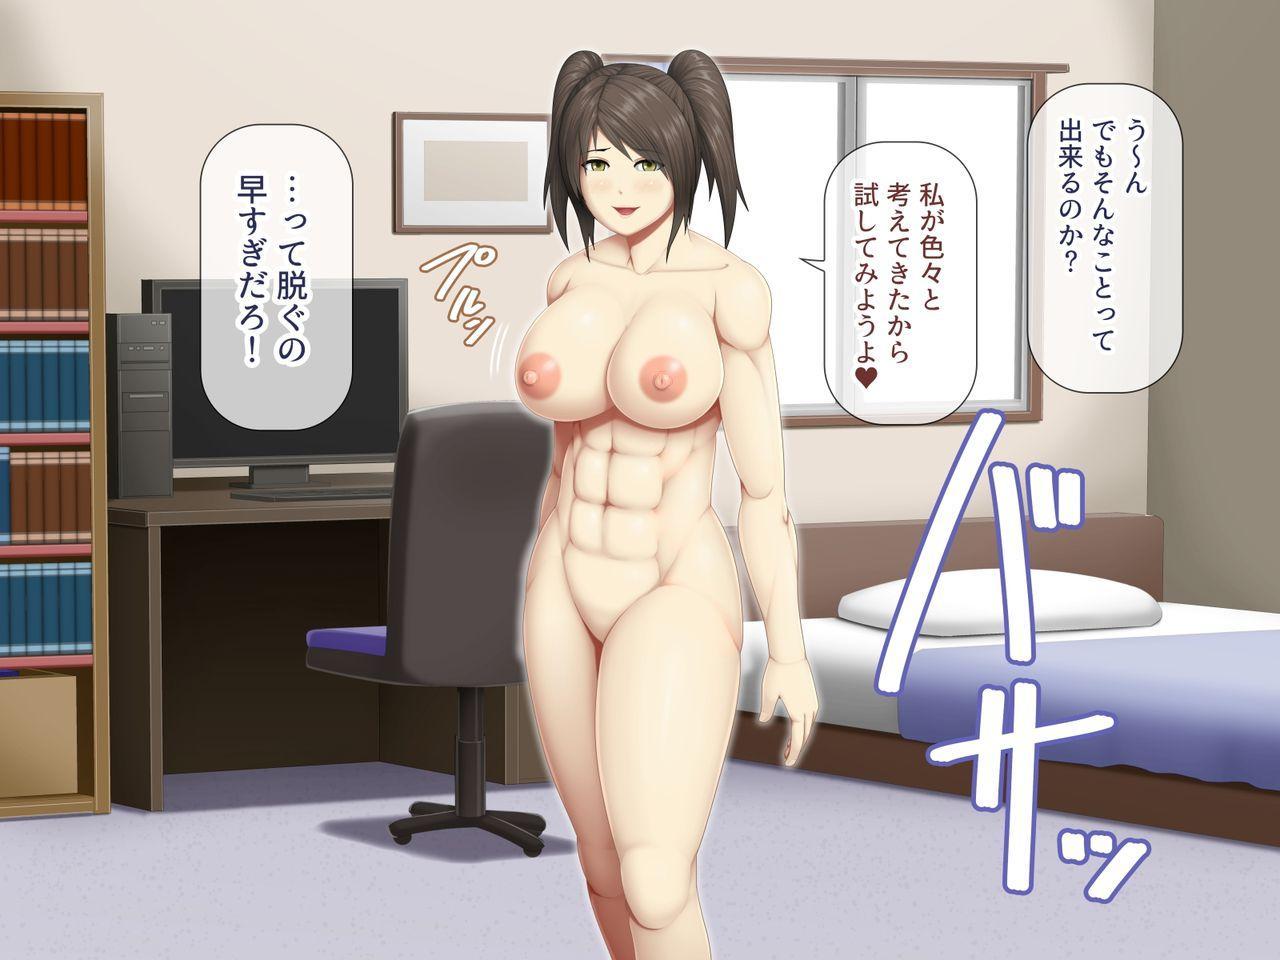 Uchiki na Jyumai ga Ore no Tame ni Karada o Kitaeta Kekka 88